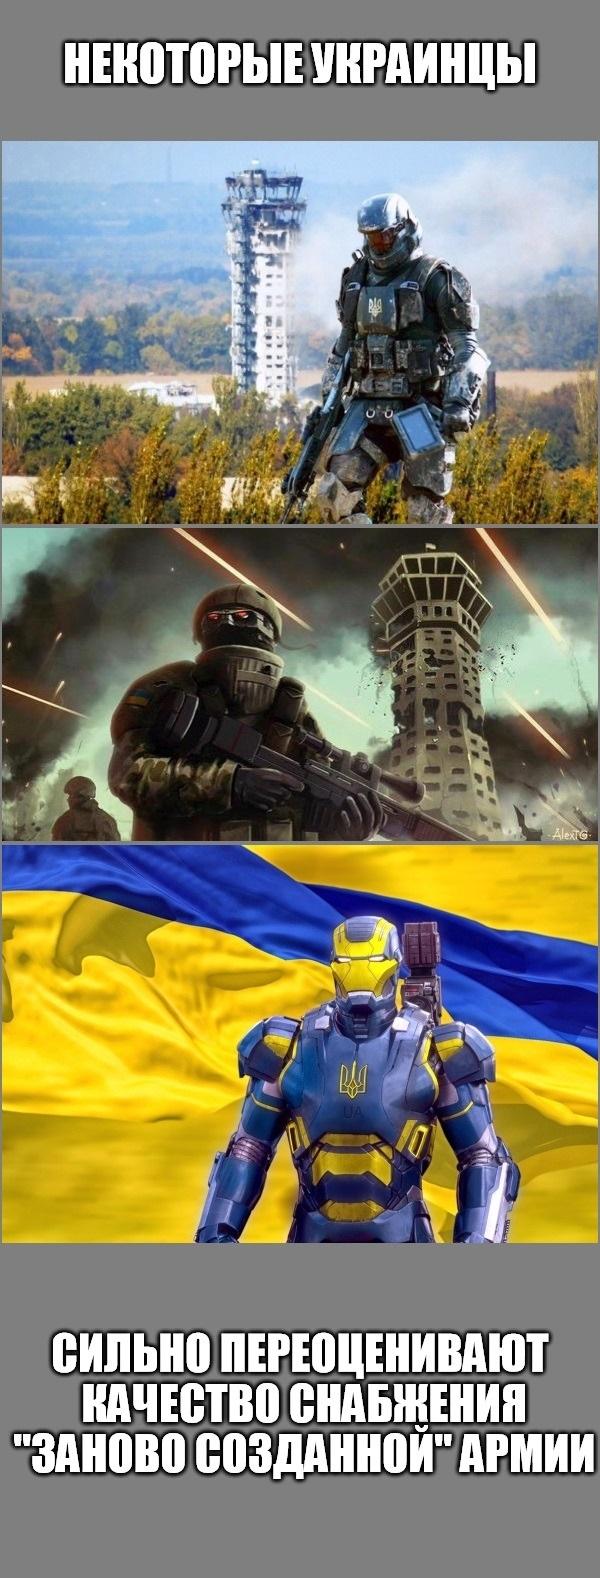 Некоторые украинцы... Украинцы, Украина, Пропаганда, Желехзный человек, Киборги, Политика, Длиннопост